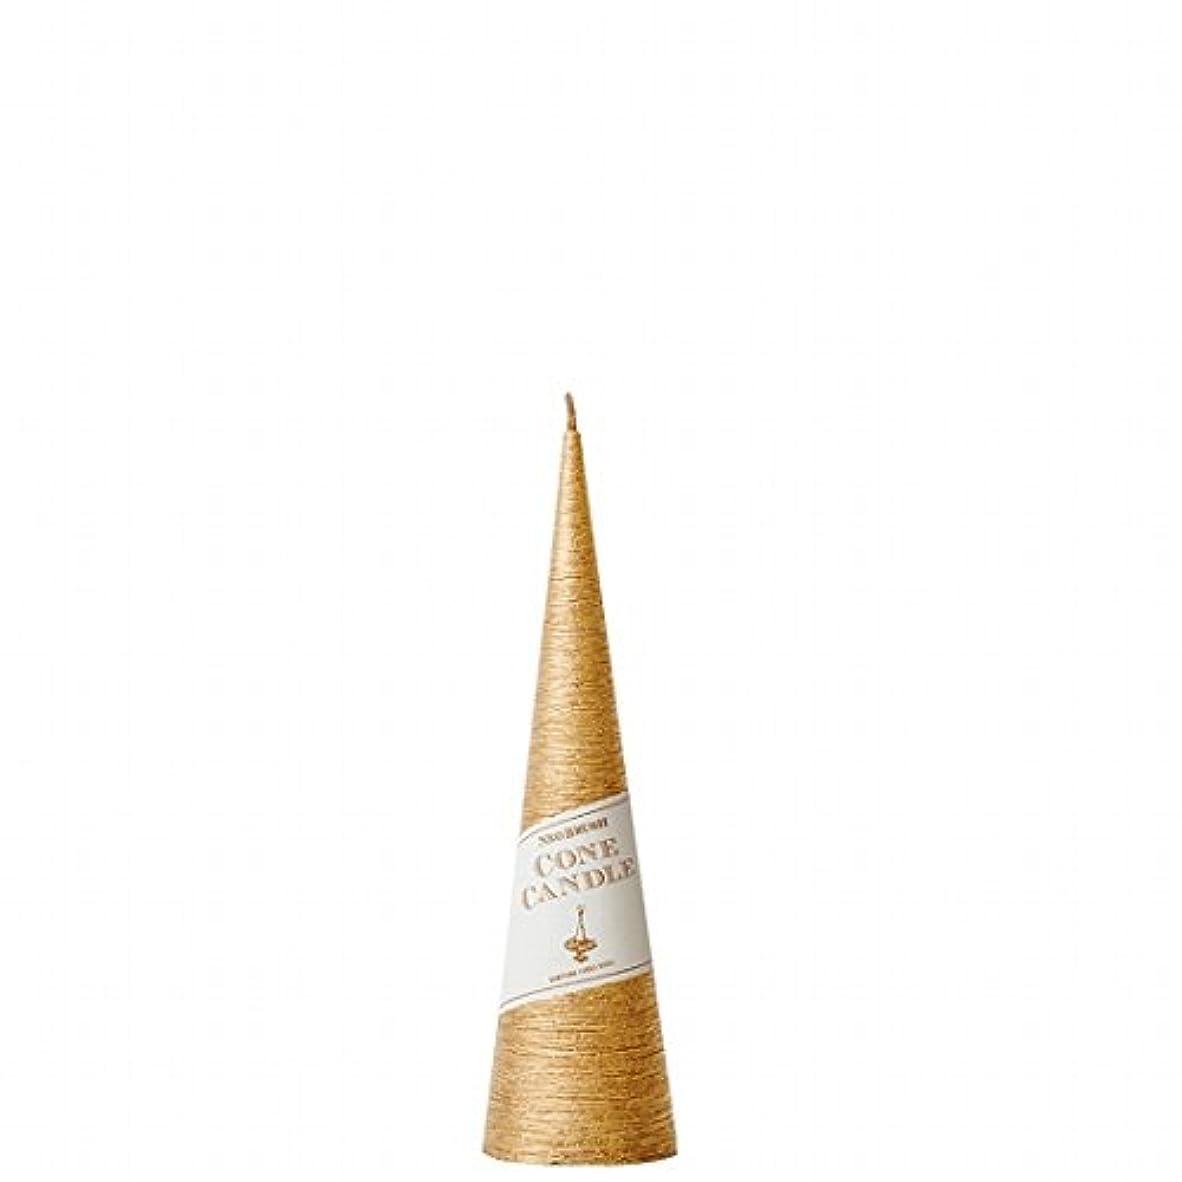 ディスパッチ罪悪感突然カメヤマキャンドル(kameyama candle) ネオブラッシュコーン 180 キャンドル 「 ゴールド 」 6個セット